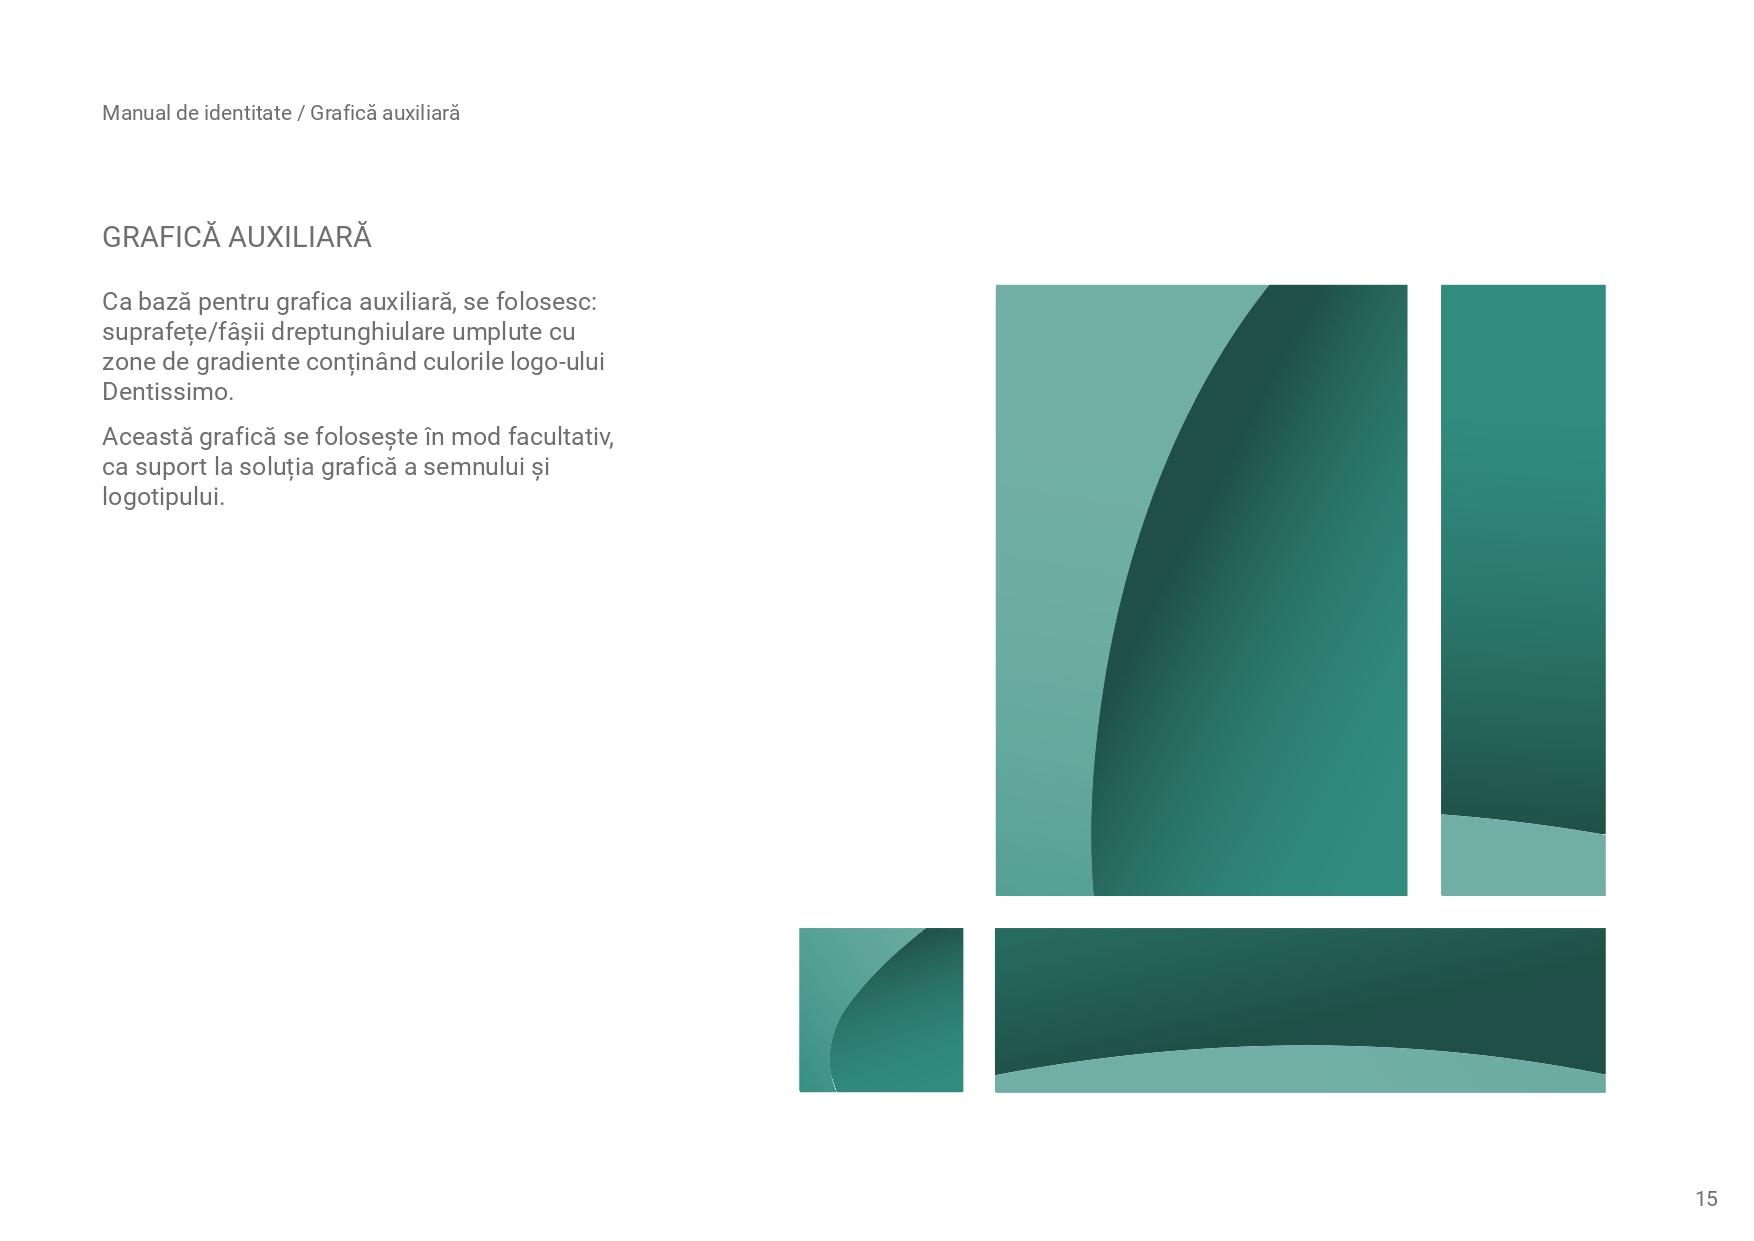 grafica auxiliara logo Dentissimo